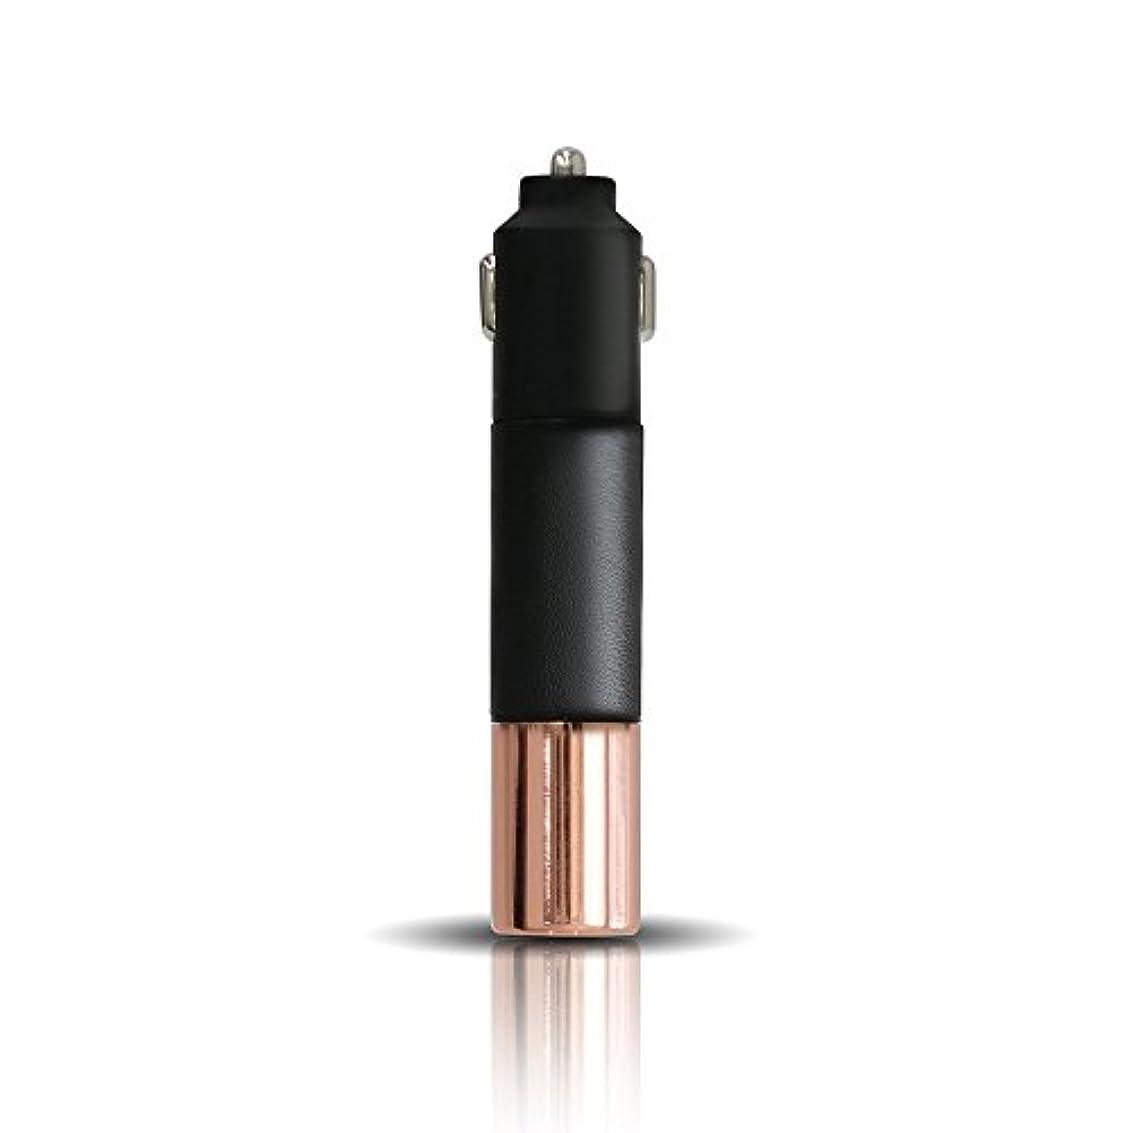 ミニ区別するコンパスPRISMATE(プリズメイト) Driving Aroma Diffuser Leather and Metal PR-AD02C (BK(ブラック))